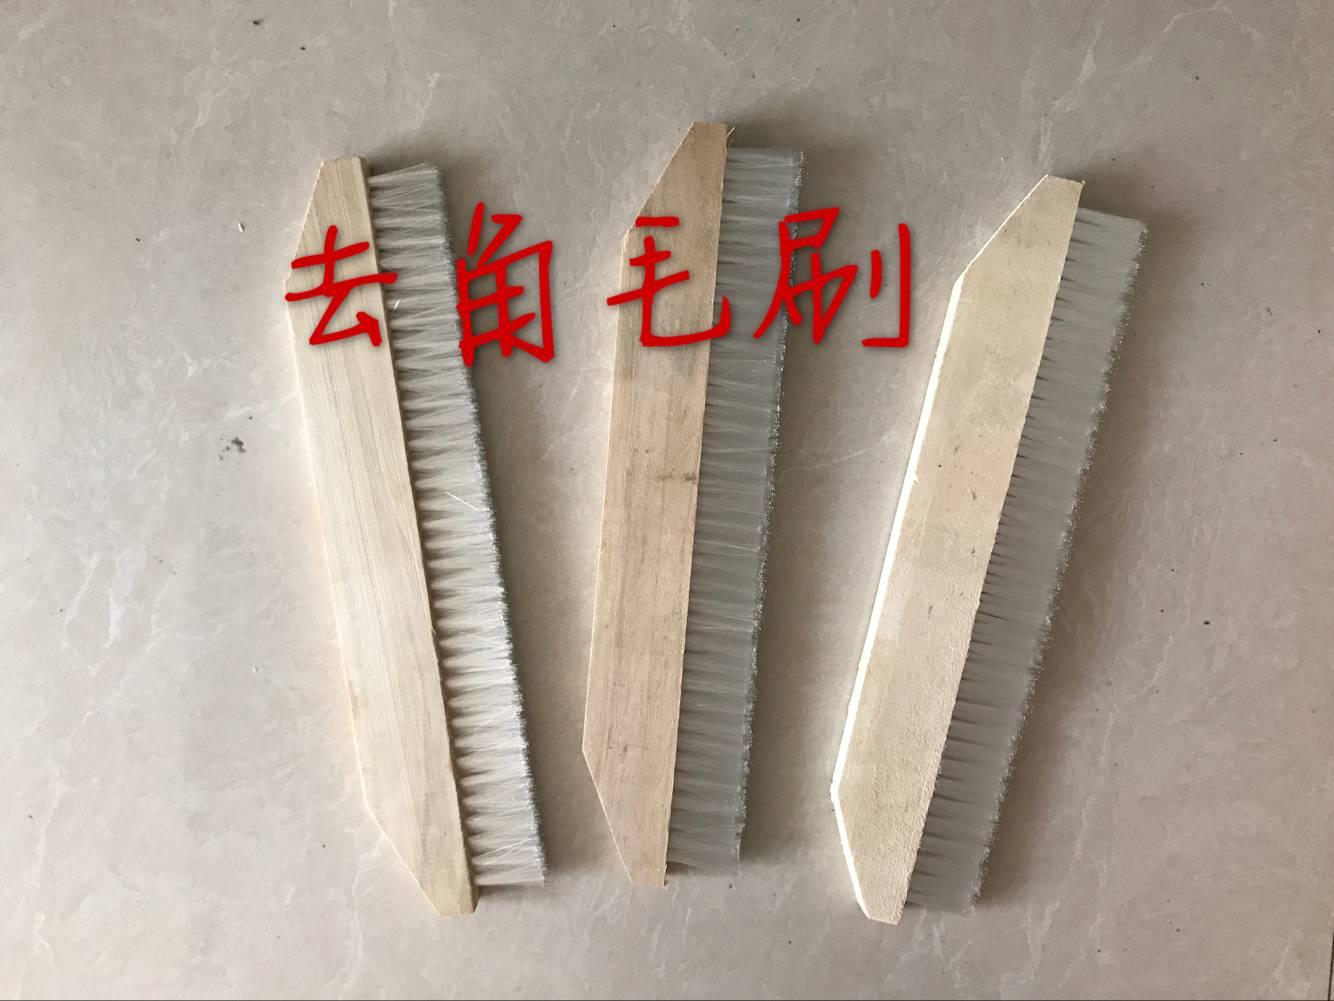 做防水用的刷子丙纶刷大排刷防水专用毛刷去角毛刷清洗灰尘工业刷